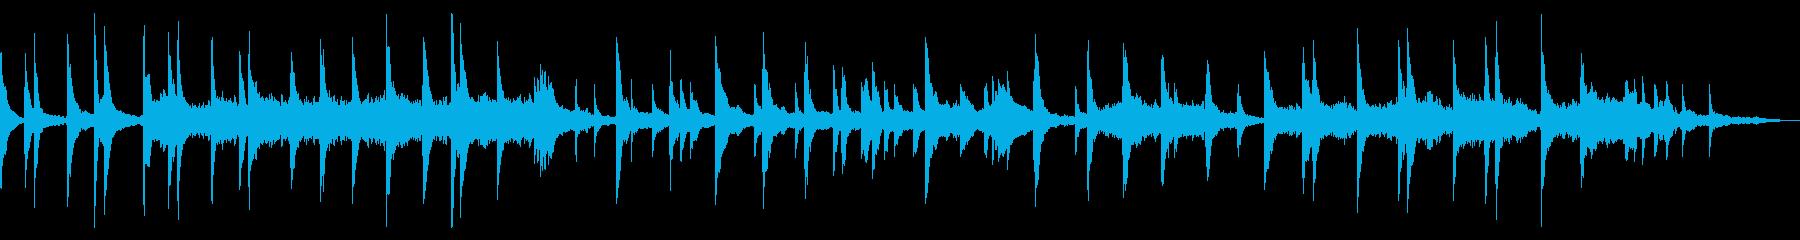 映像・ナレーション用ピアノ演奏(別れ)の再生済みの波形